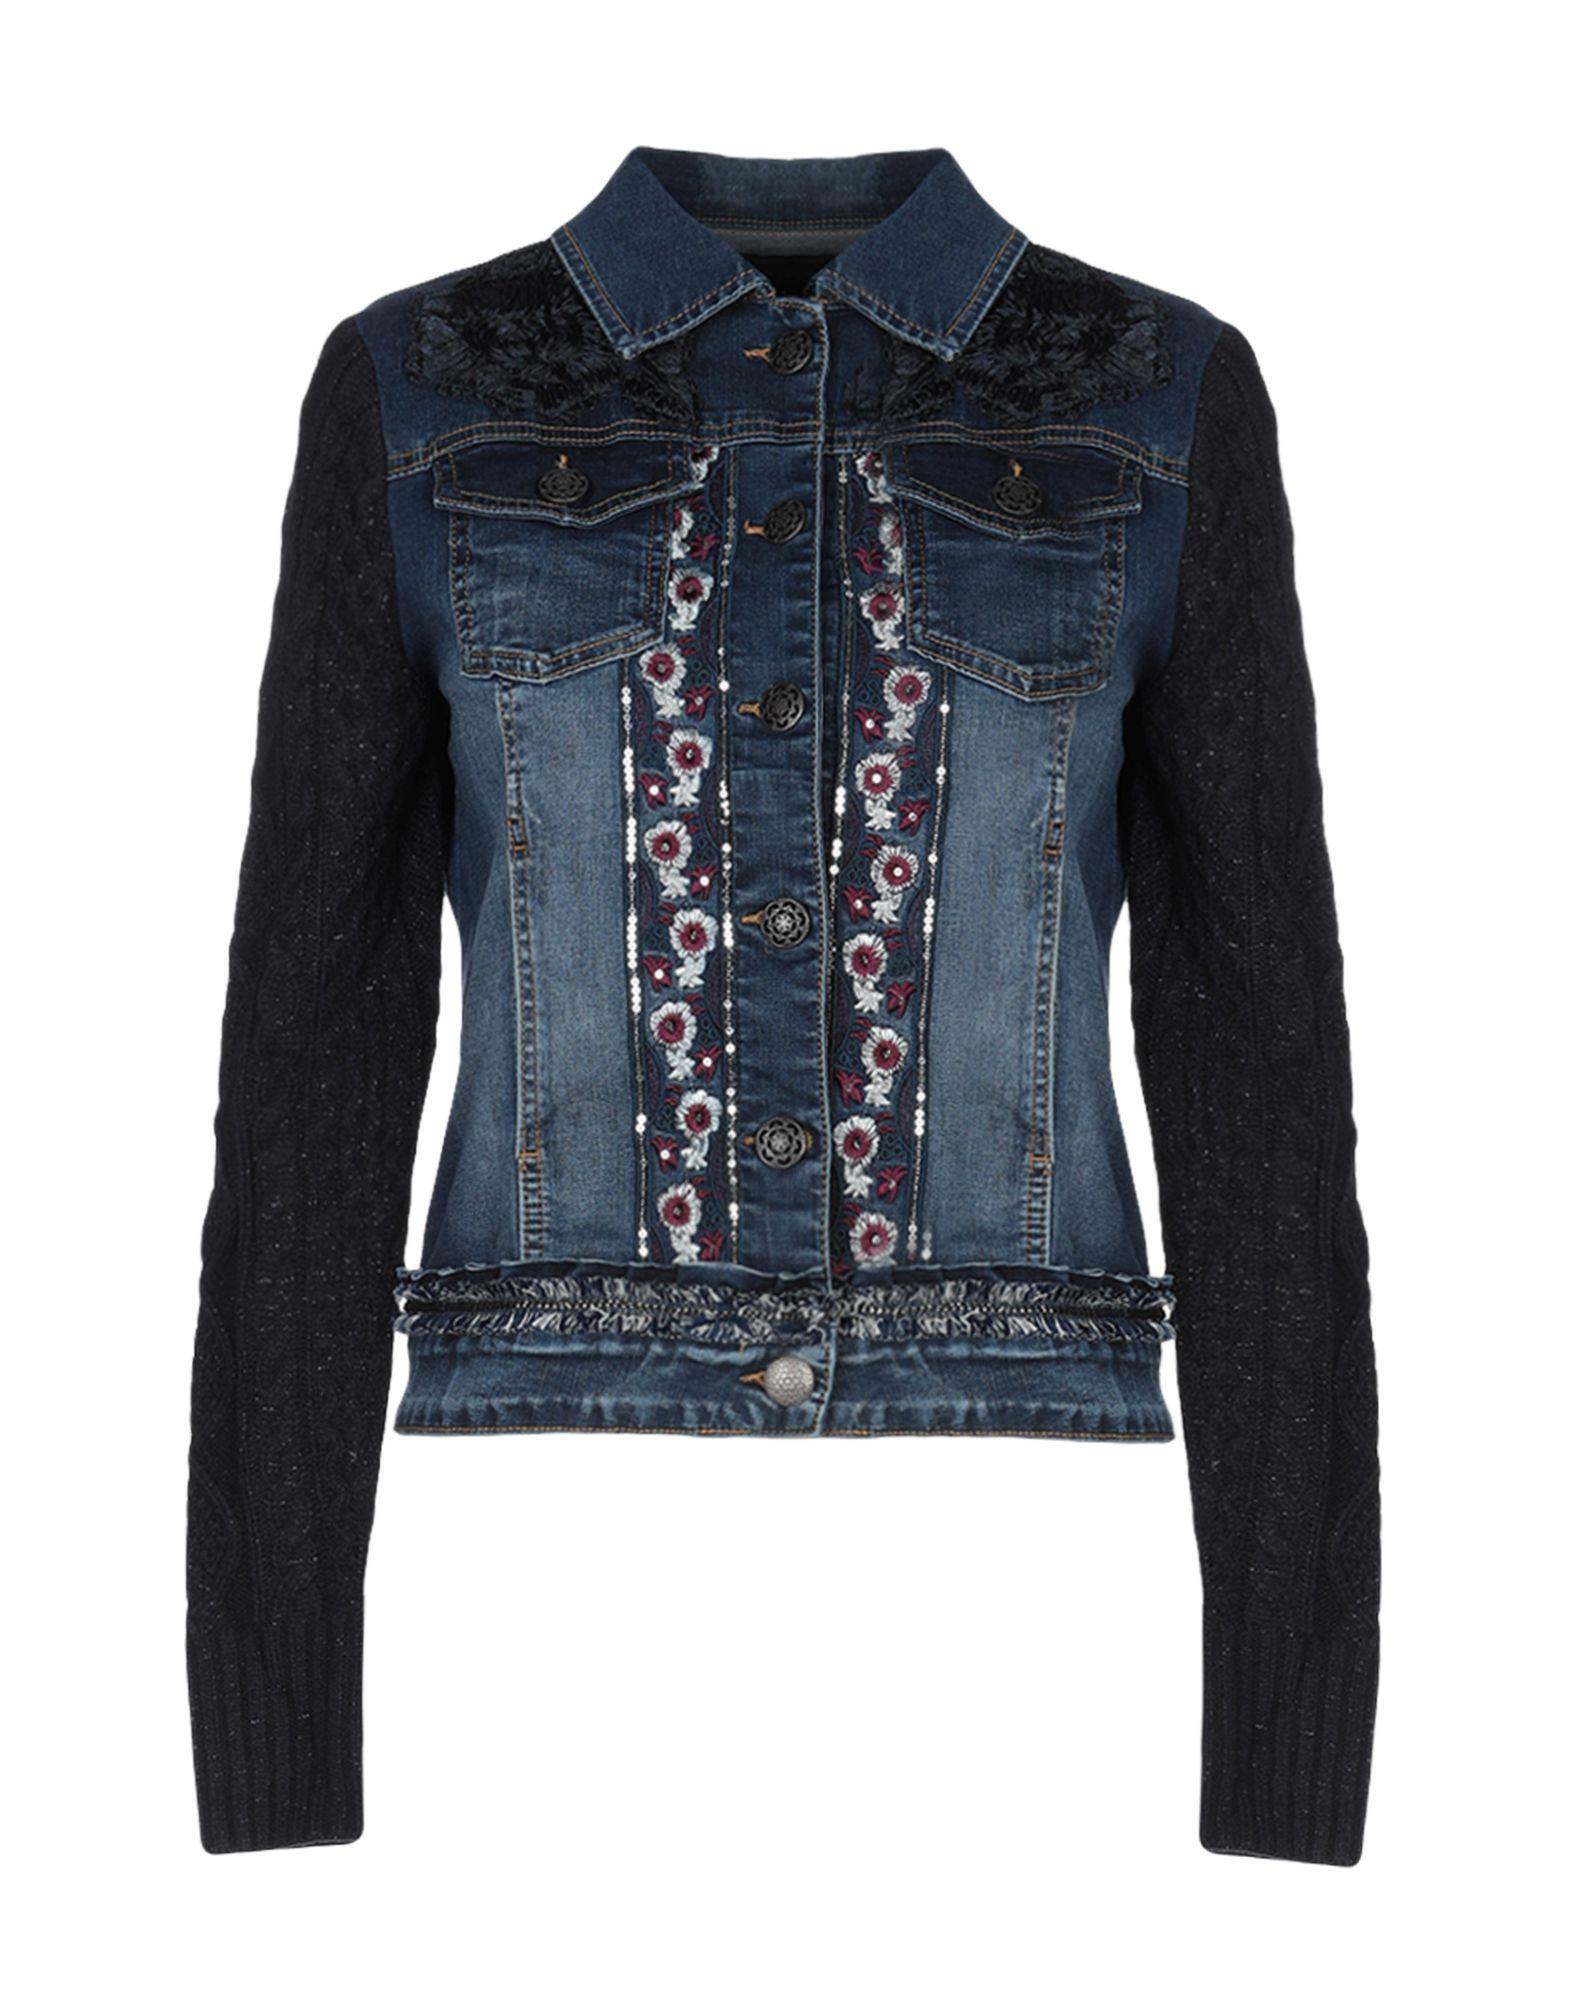 DESIGUAL Джинсовая верхняя одежда брендовая одежда